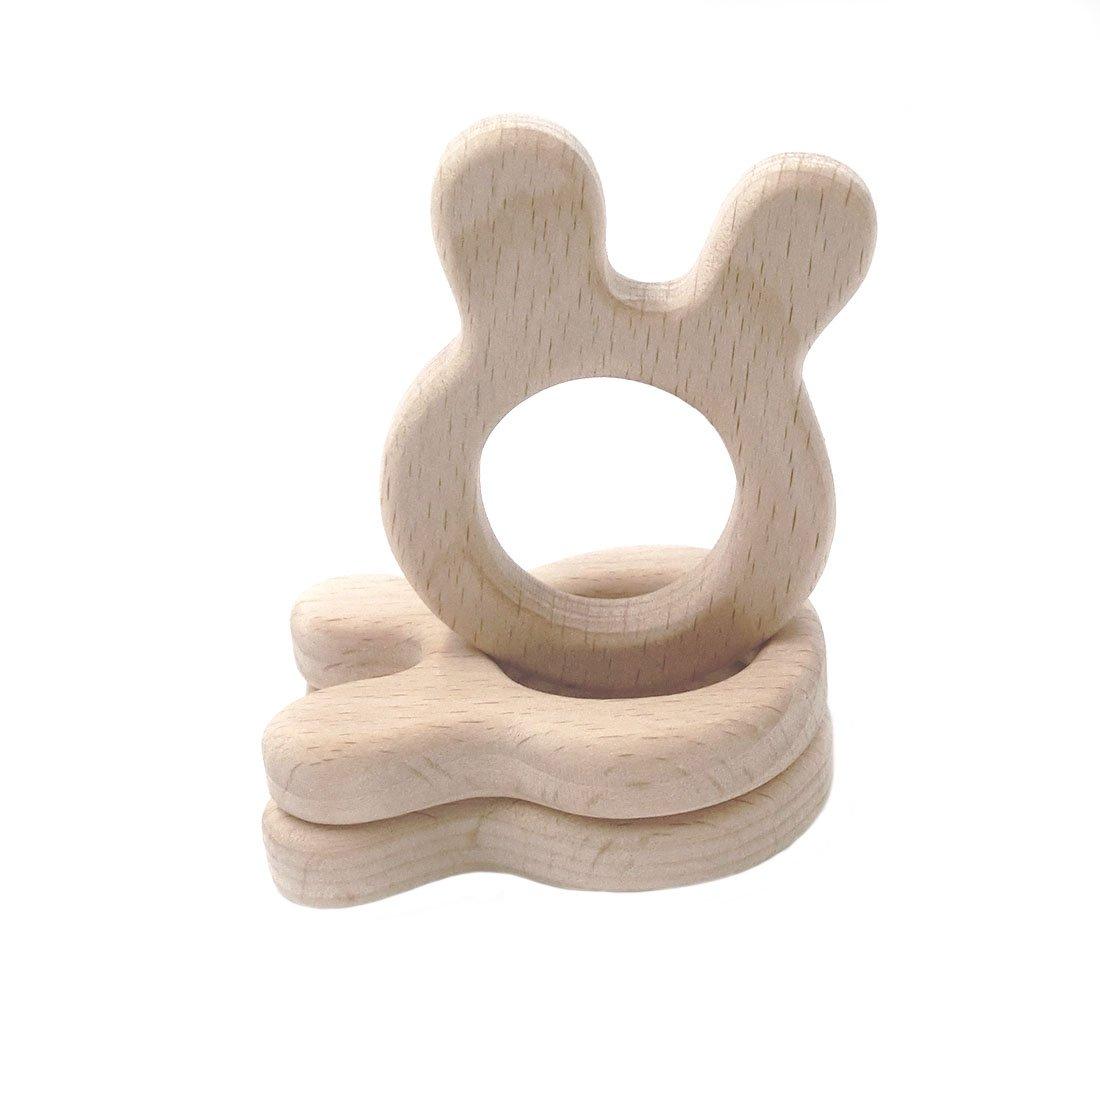 Coskiss 10pcs Bois Baby Teether Lapin Waldorf Toy Bague de dentition Jouet Personnel Grav/é Ecologique Ecologique Jouet Naturel 10pcs